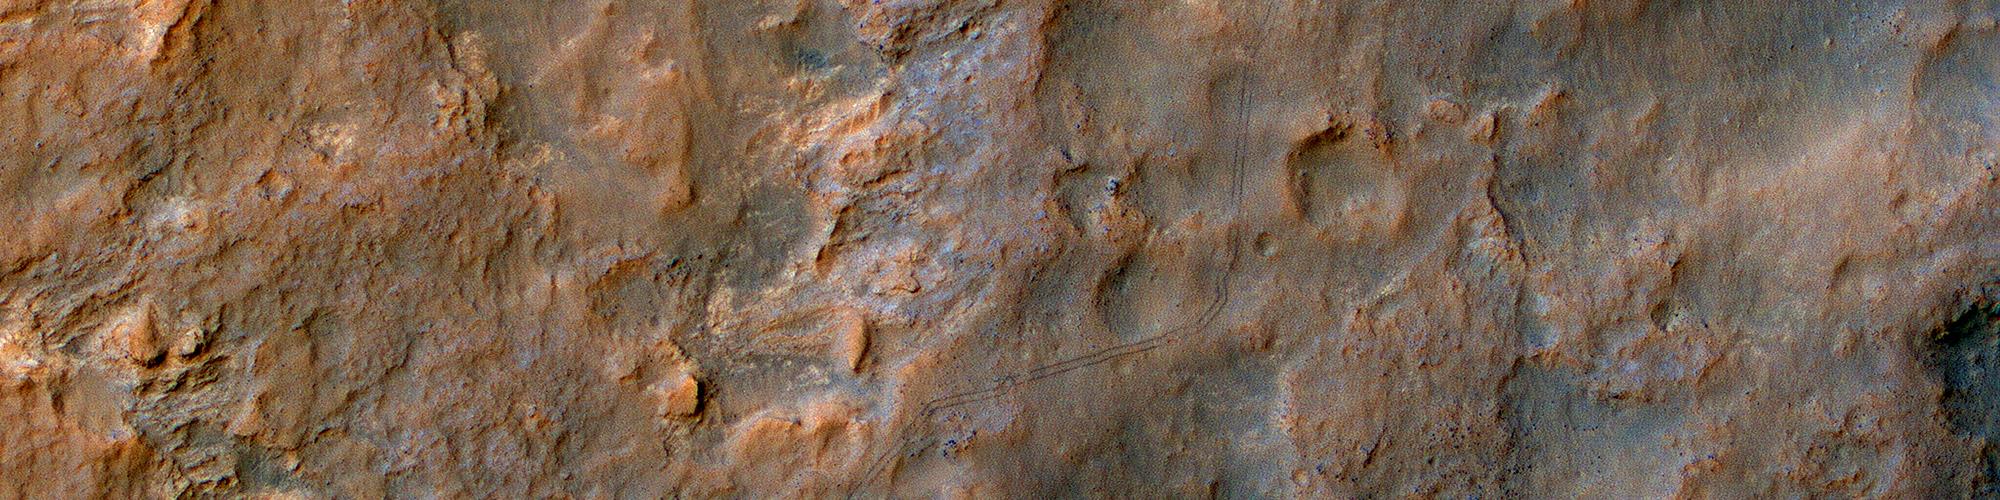 Automatarii vestigia vehiculi Curiosity appellati